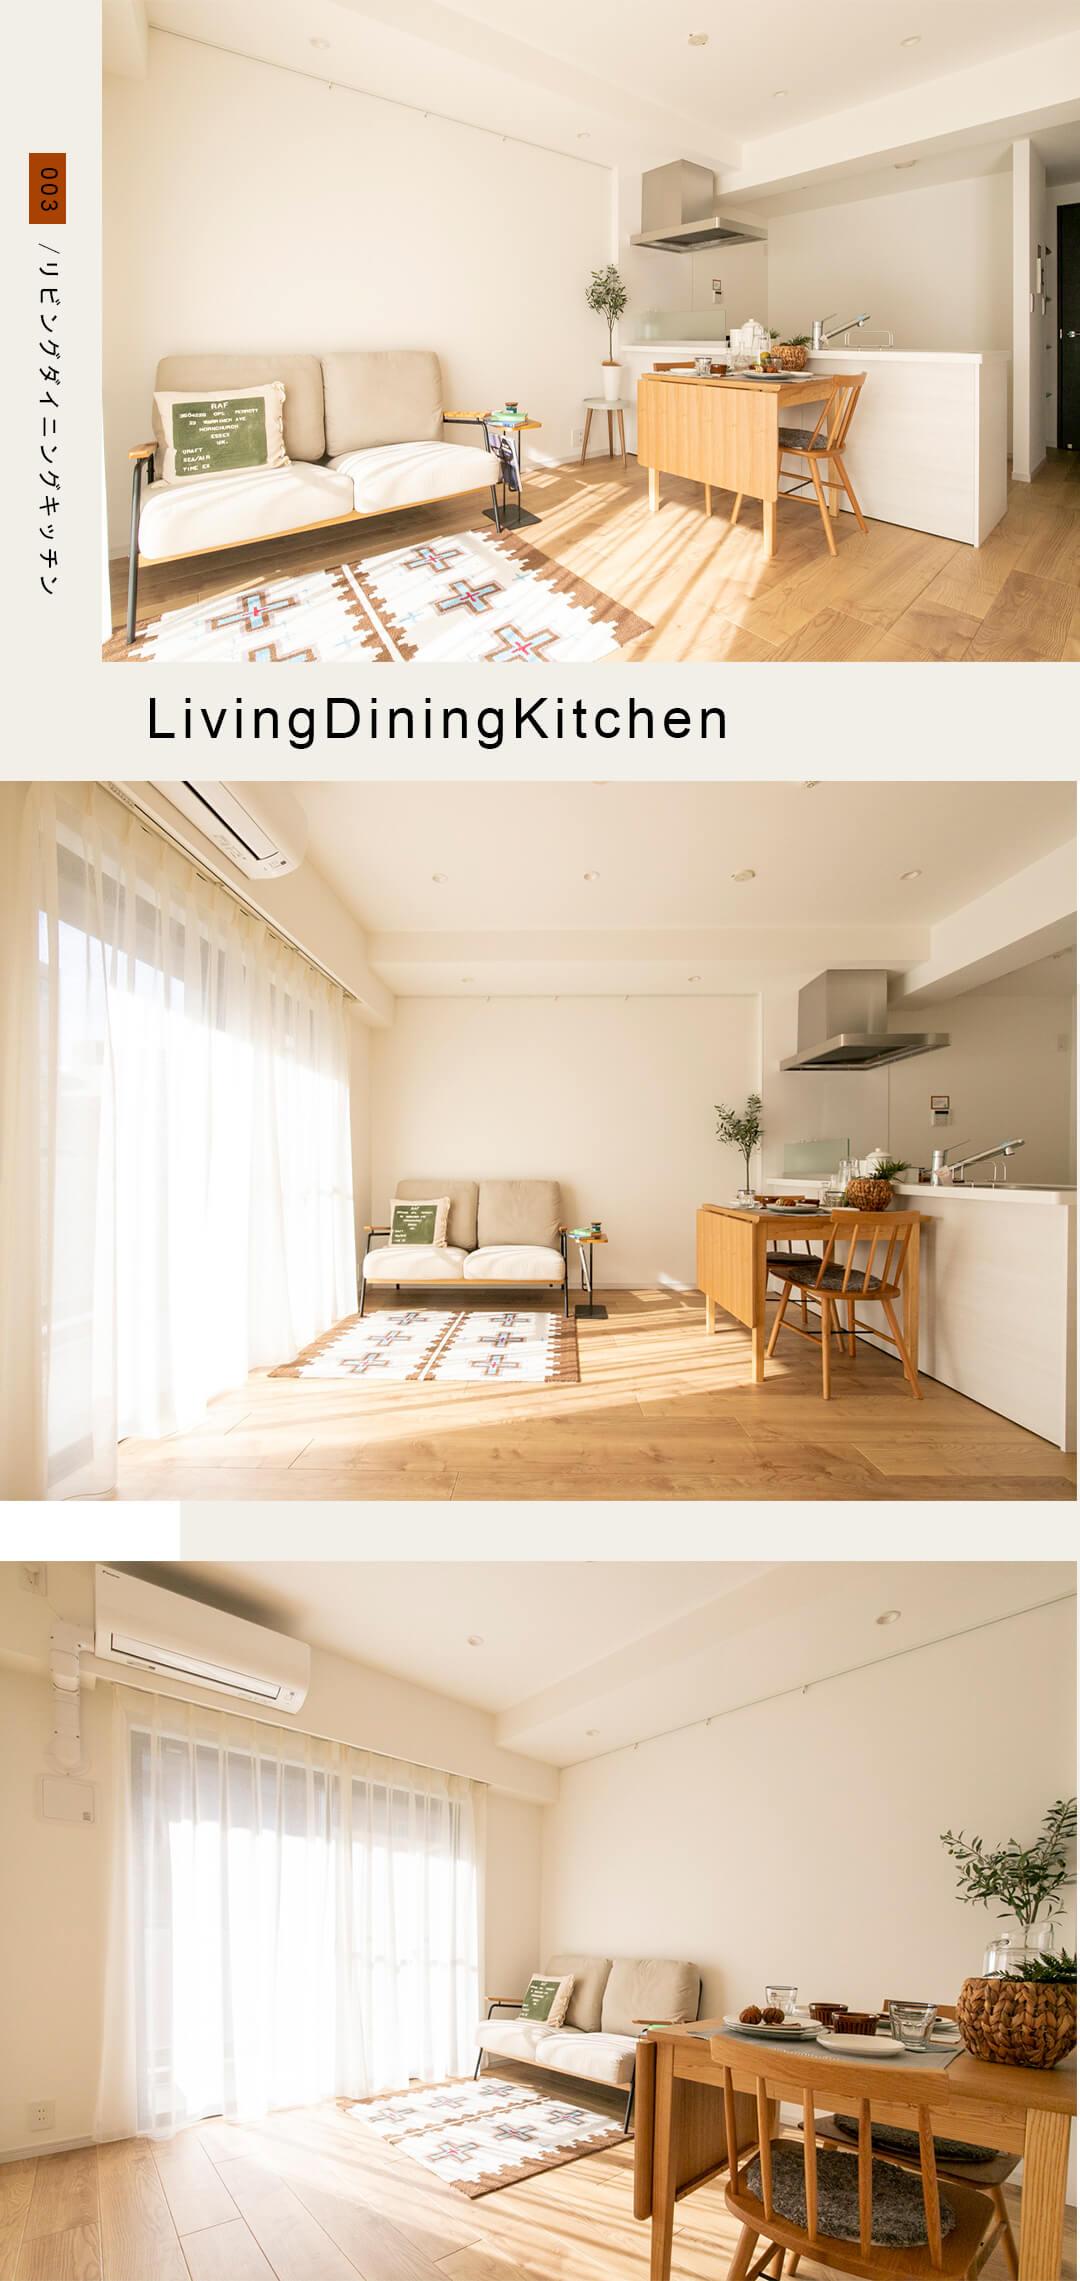 03リビングダイニングキッチン,Living Dining Kitchen